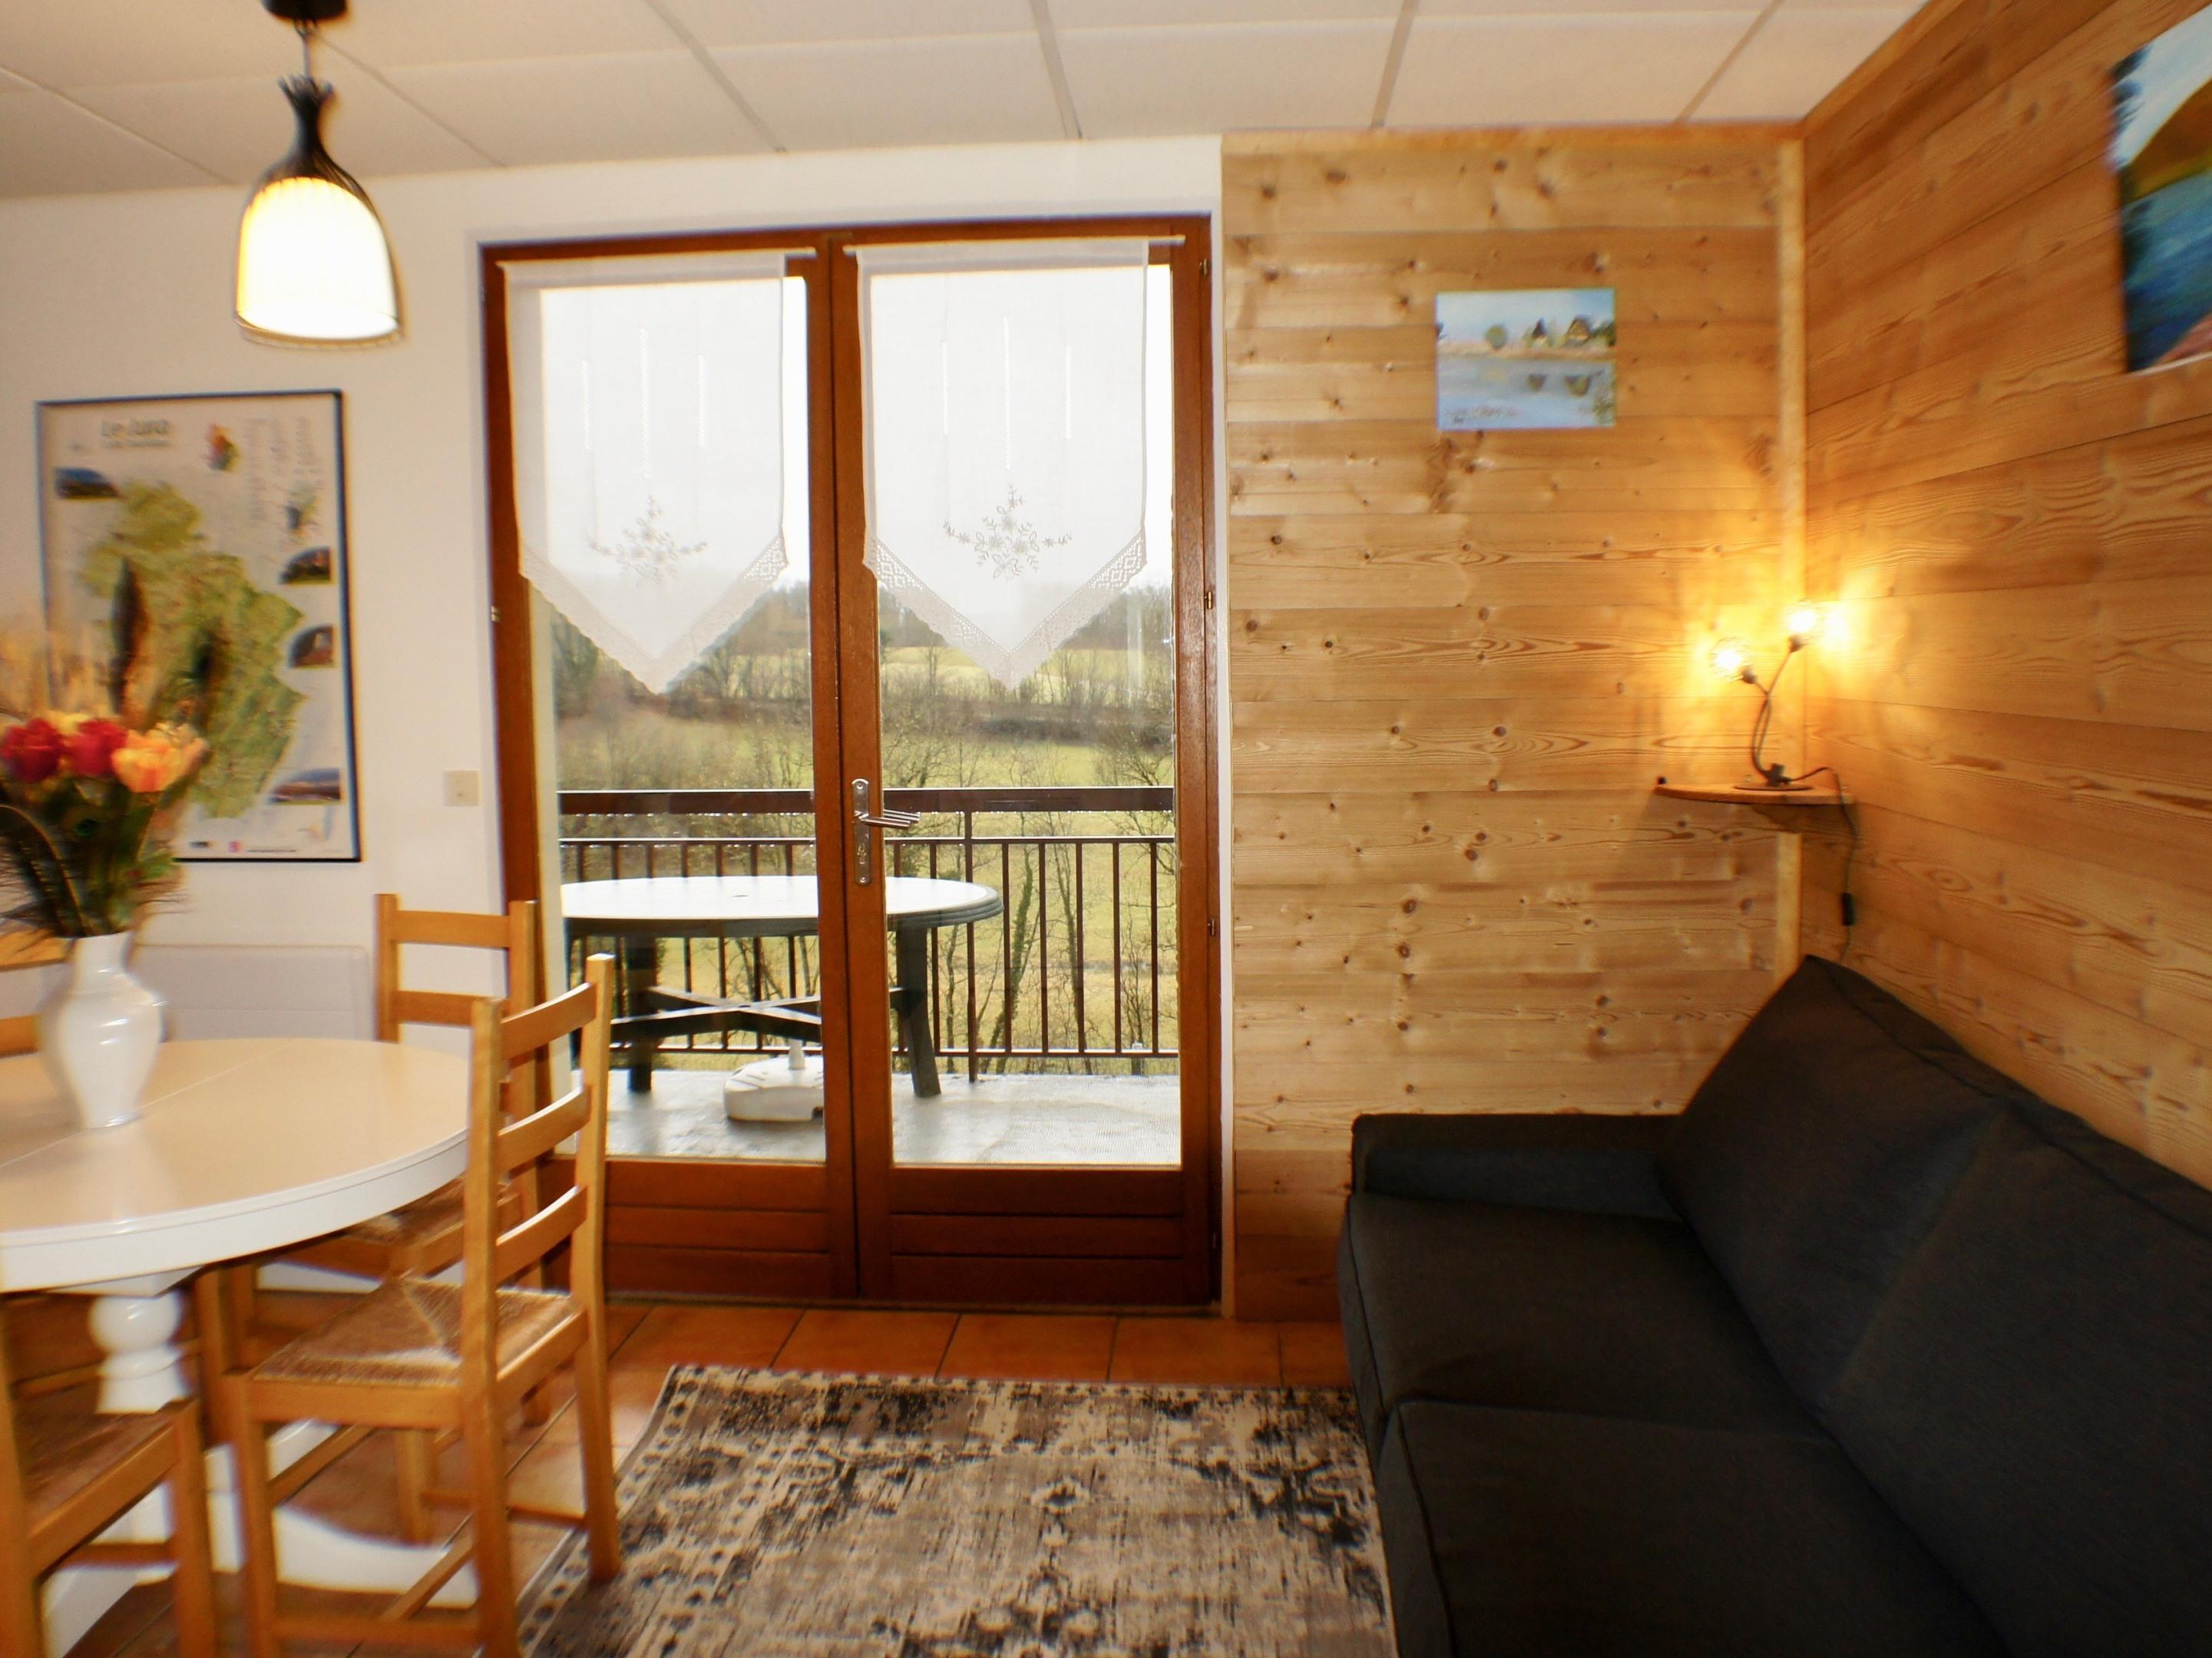 Appartement-Confort-Salle de bain privée séparée-Le Chalain - Tarif de base